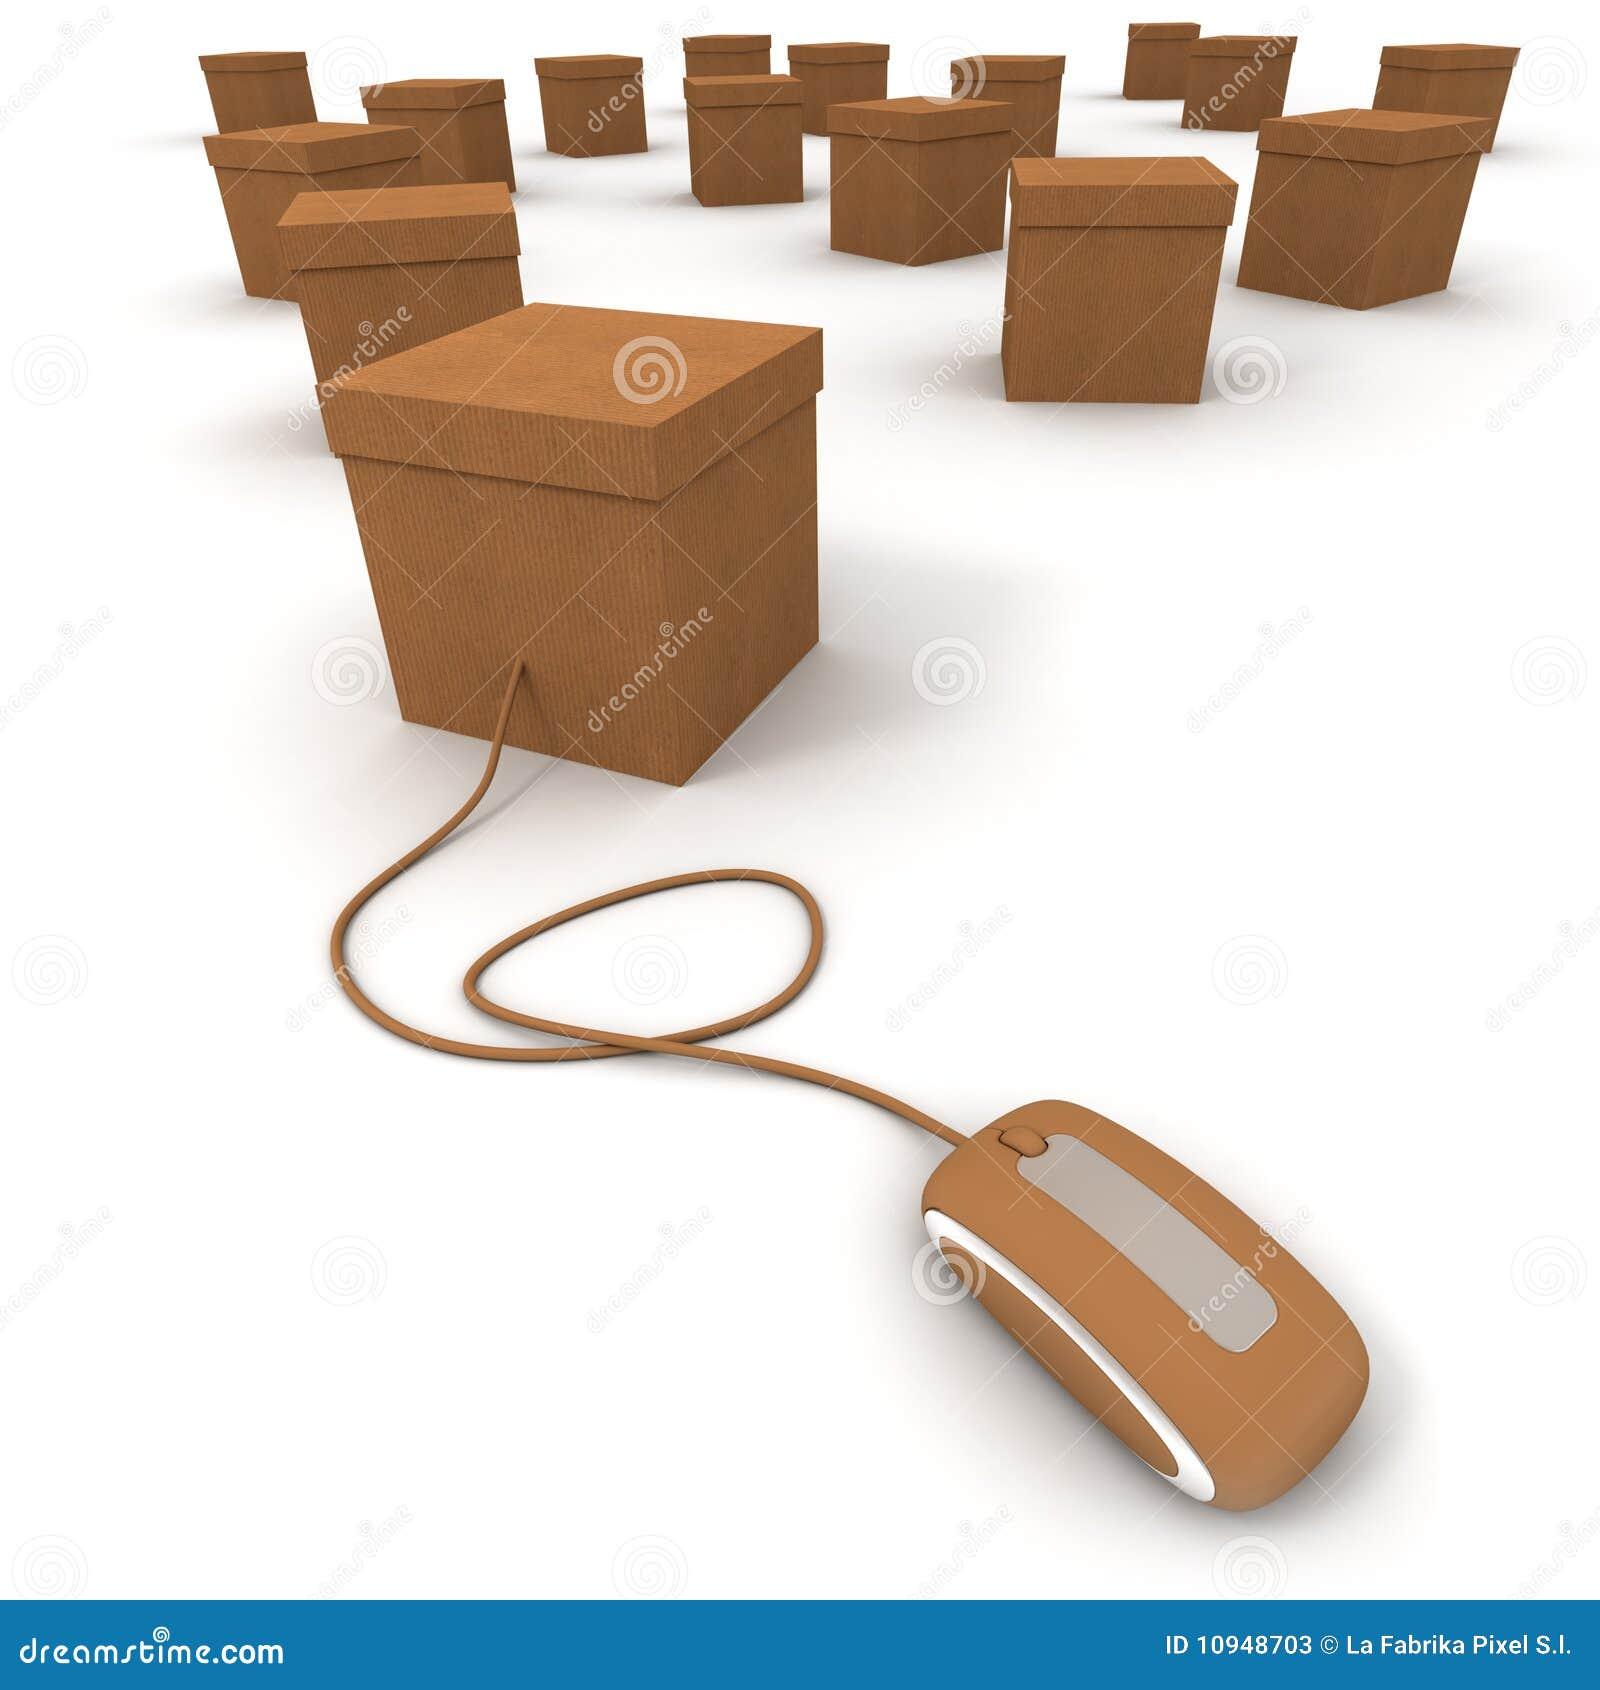 commande en ligne illustration stock illustration du delivery 10948703. Black Bedroom Furniture Sets. Home Design Ideas